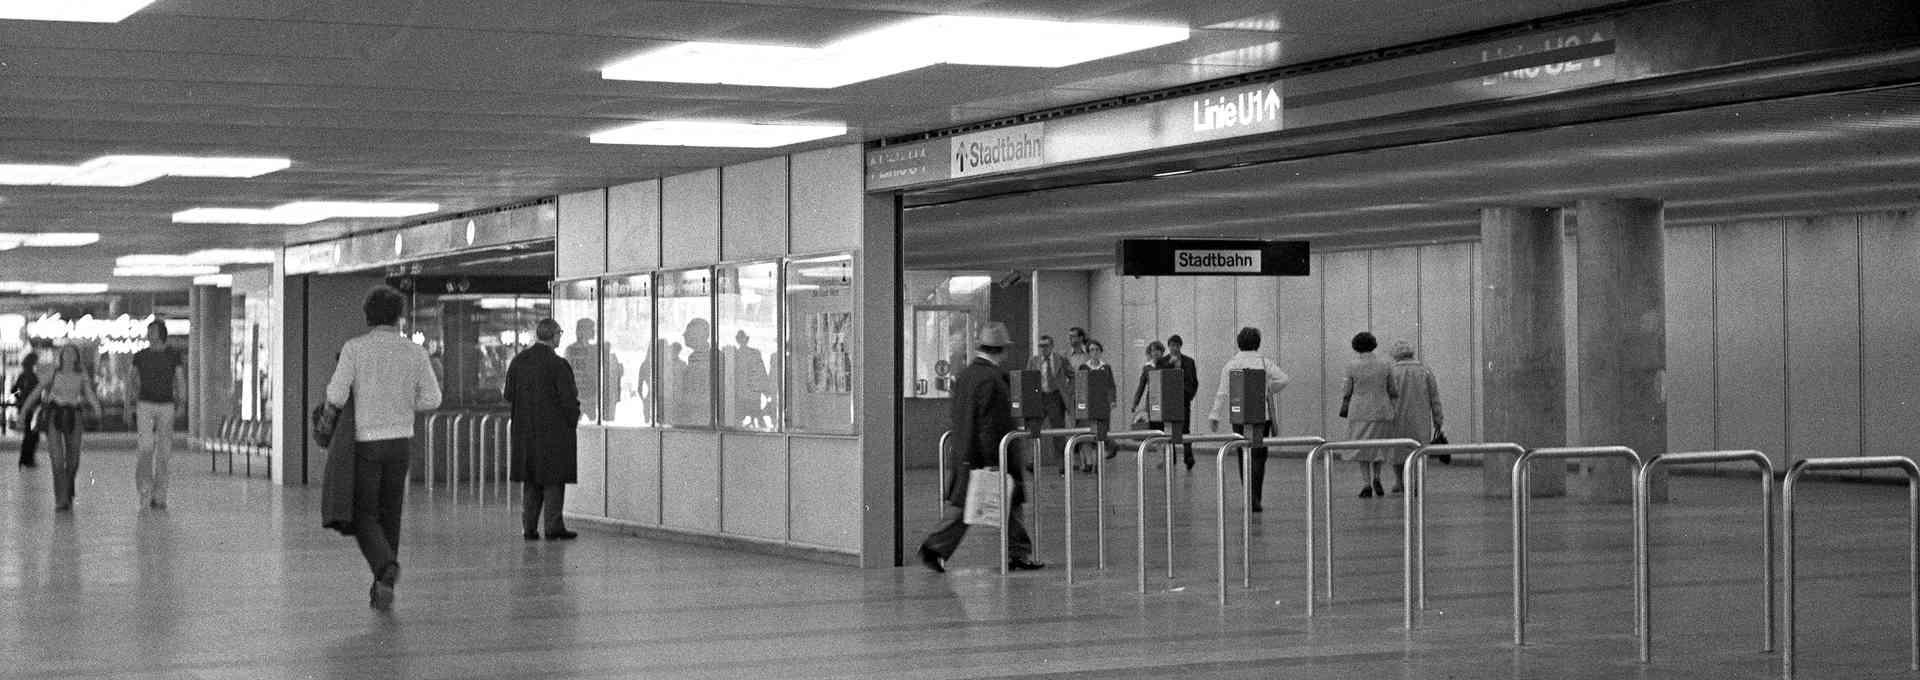 Heute tummeln sich mehr Leute in der Passage am Karlsplatz als damals.